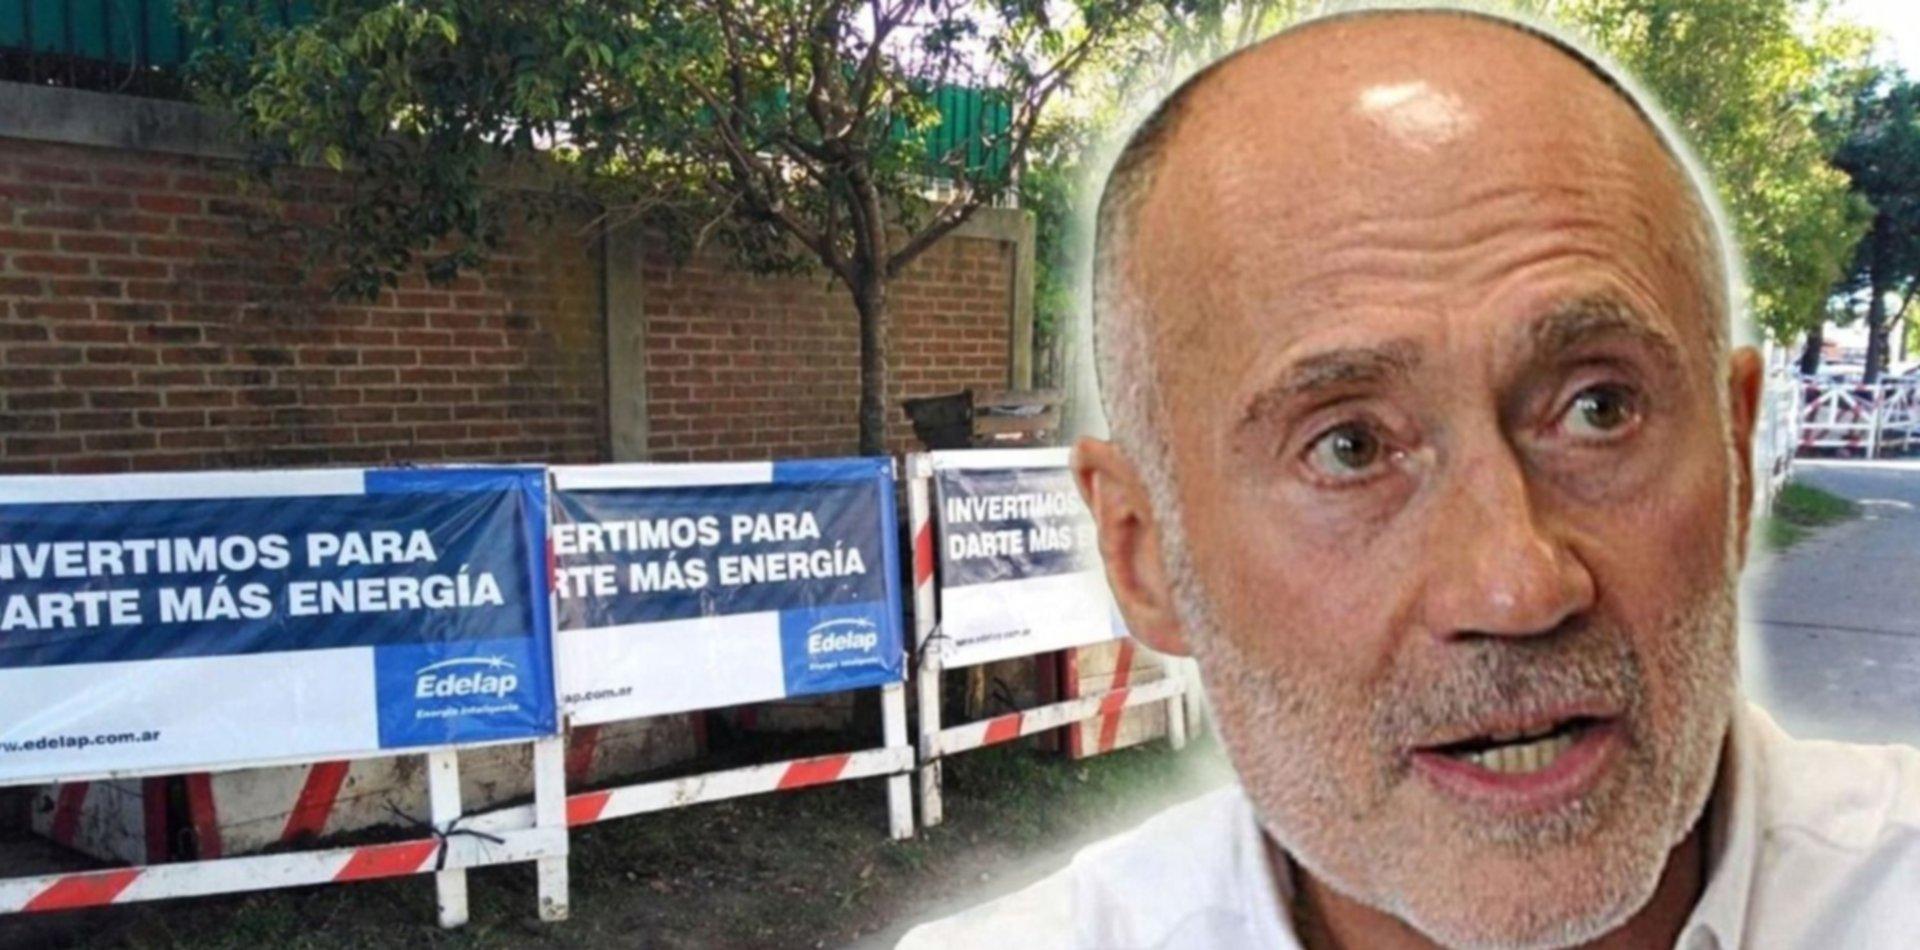 Monopolio, empresas off shore y mamushkas: así opera Rogelio Pagano, el dueño de Edelap